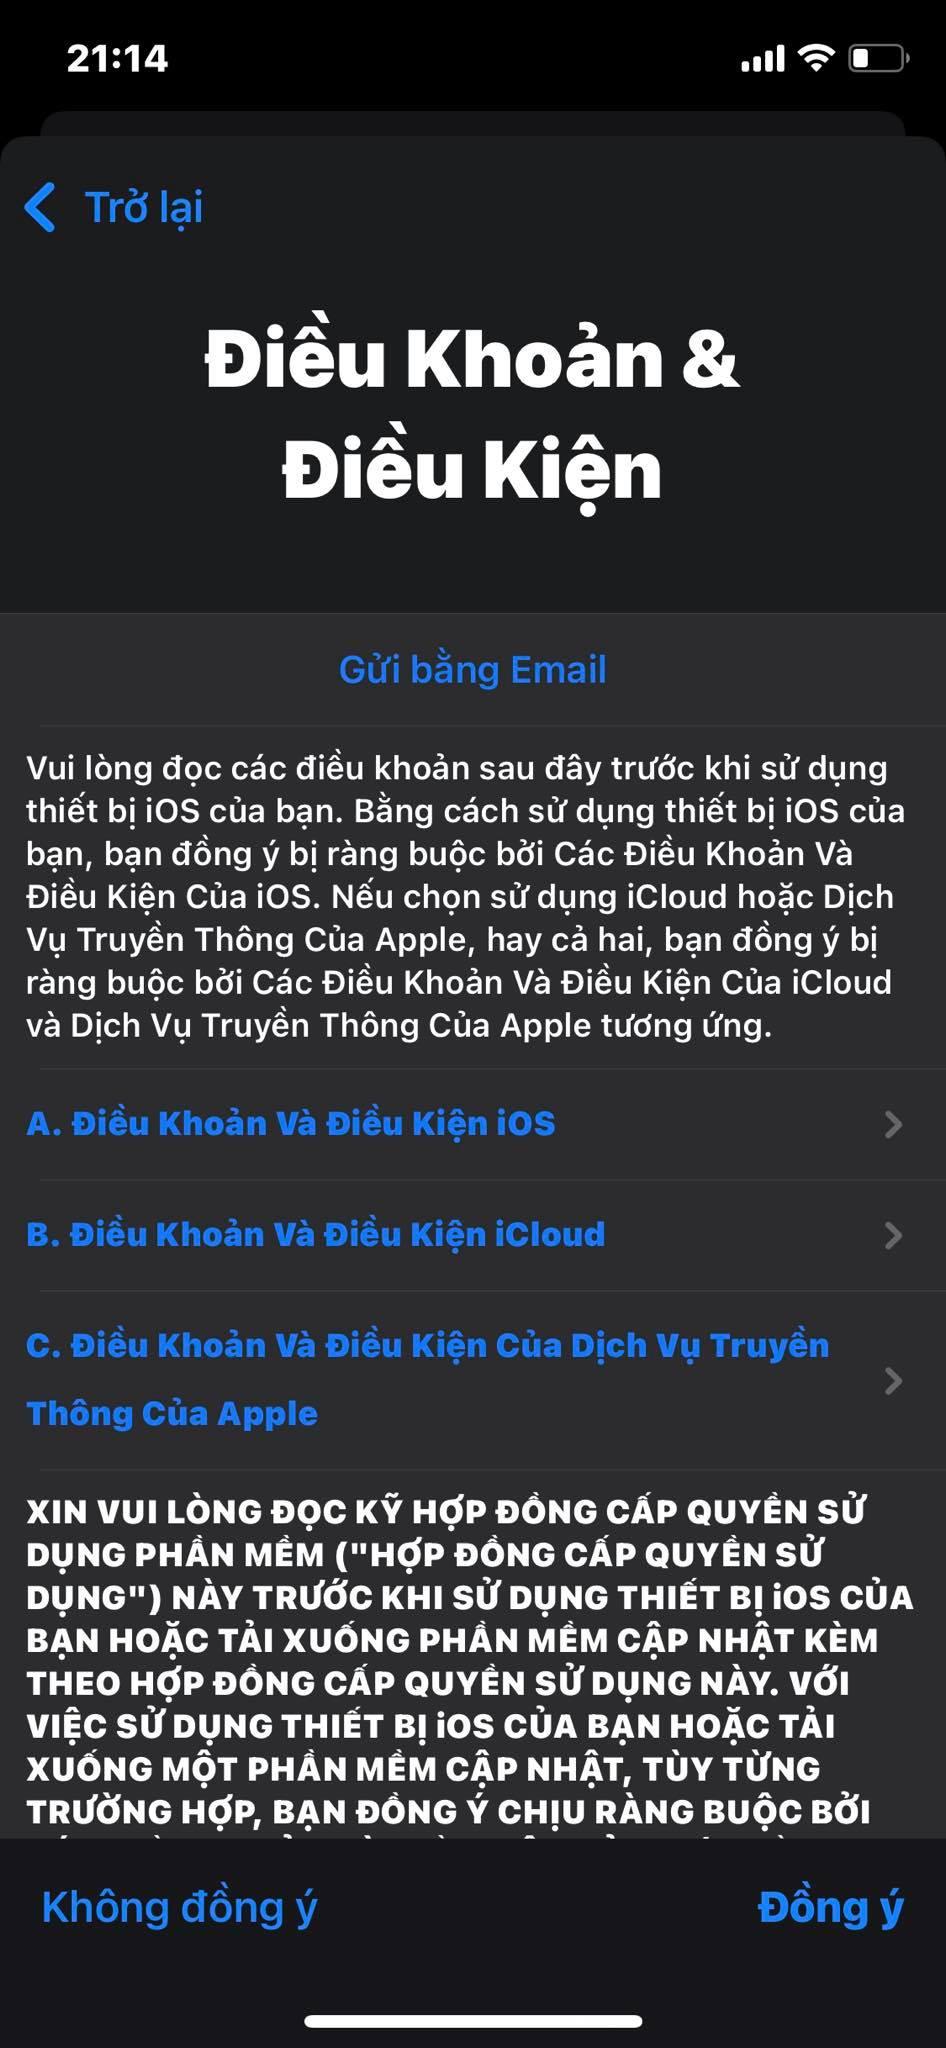 Sforum - Trang thông tin công nghệ mới nhất 240837340_539137267198314_9026646734014748934_n Hướng dẫn đăng ký iCloud trên web, iPhone và iPad